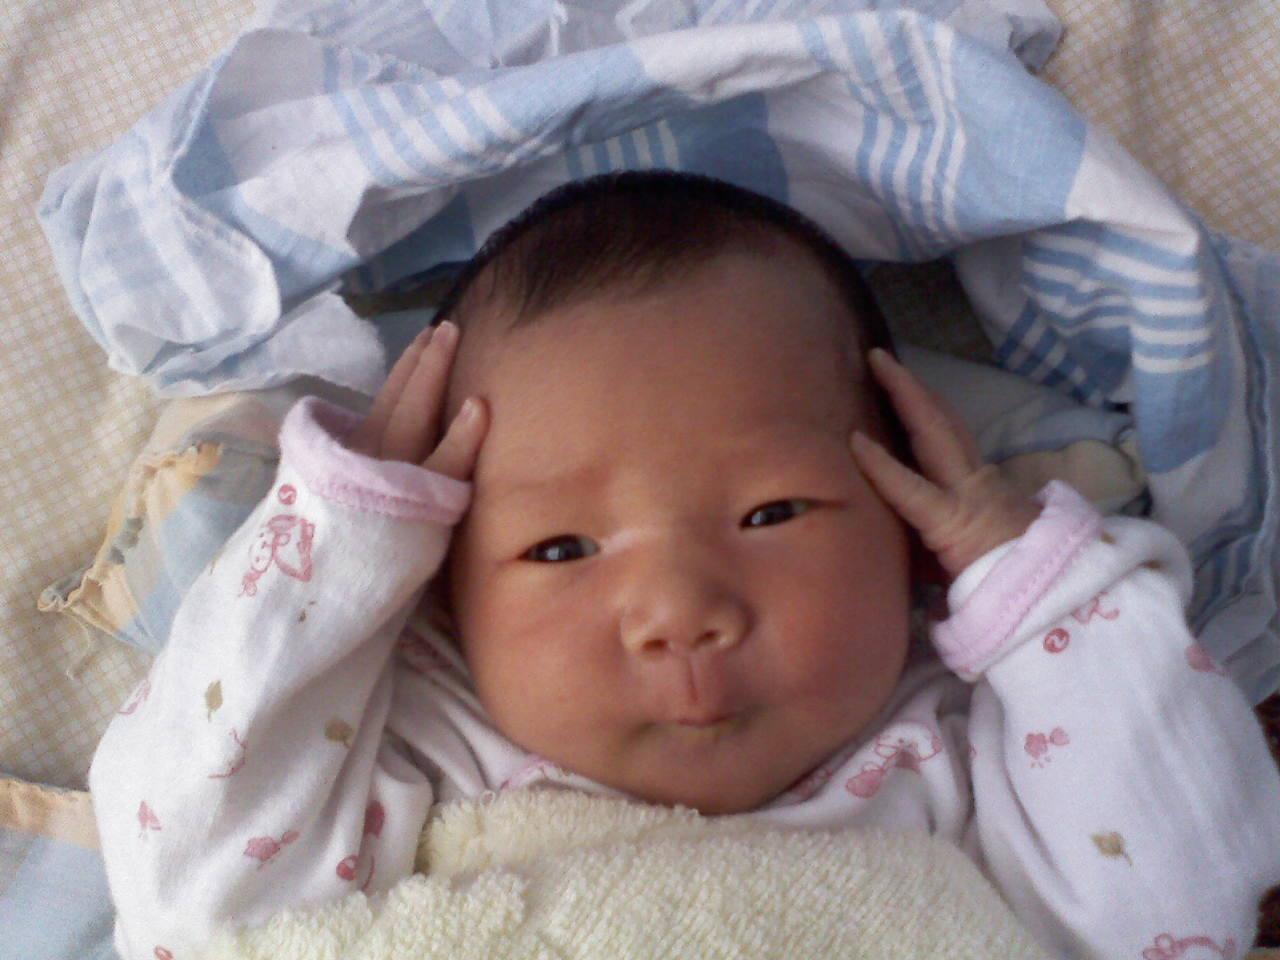 婴儿头型正常图_宝妈们帮忙看看宝宝这个头型是正常的嘛_坐月